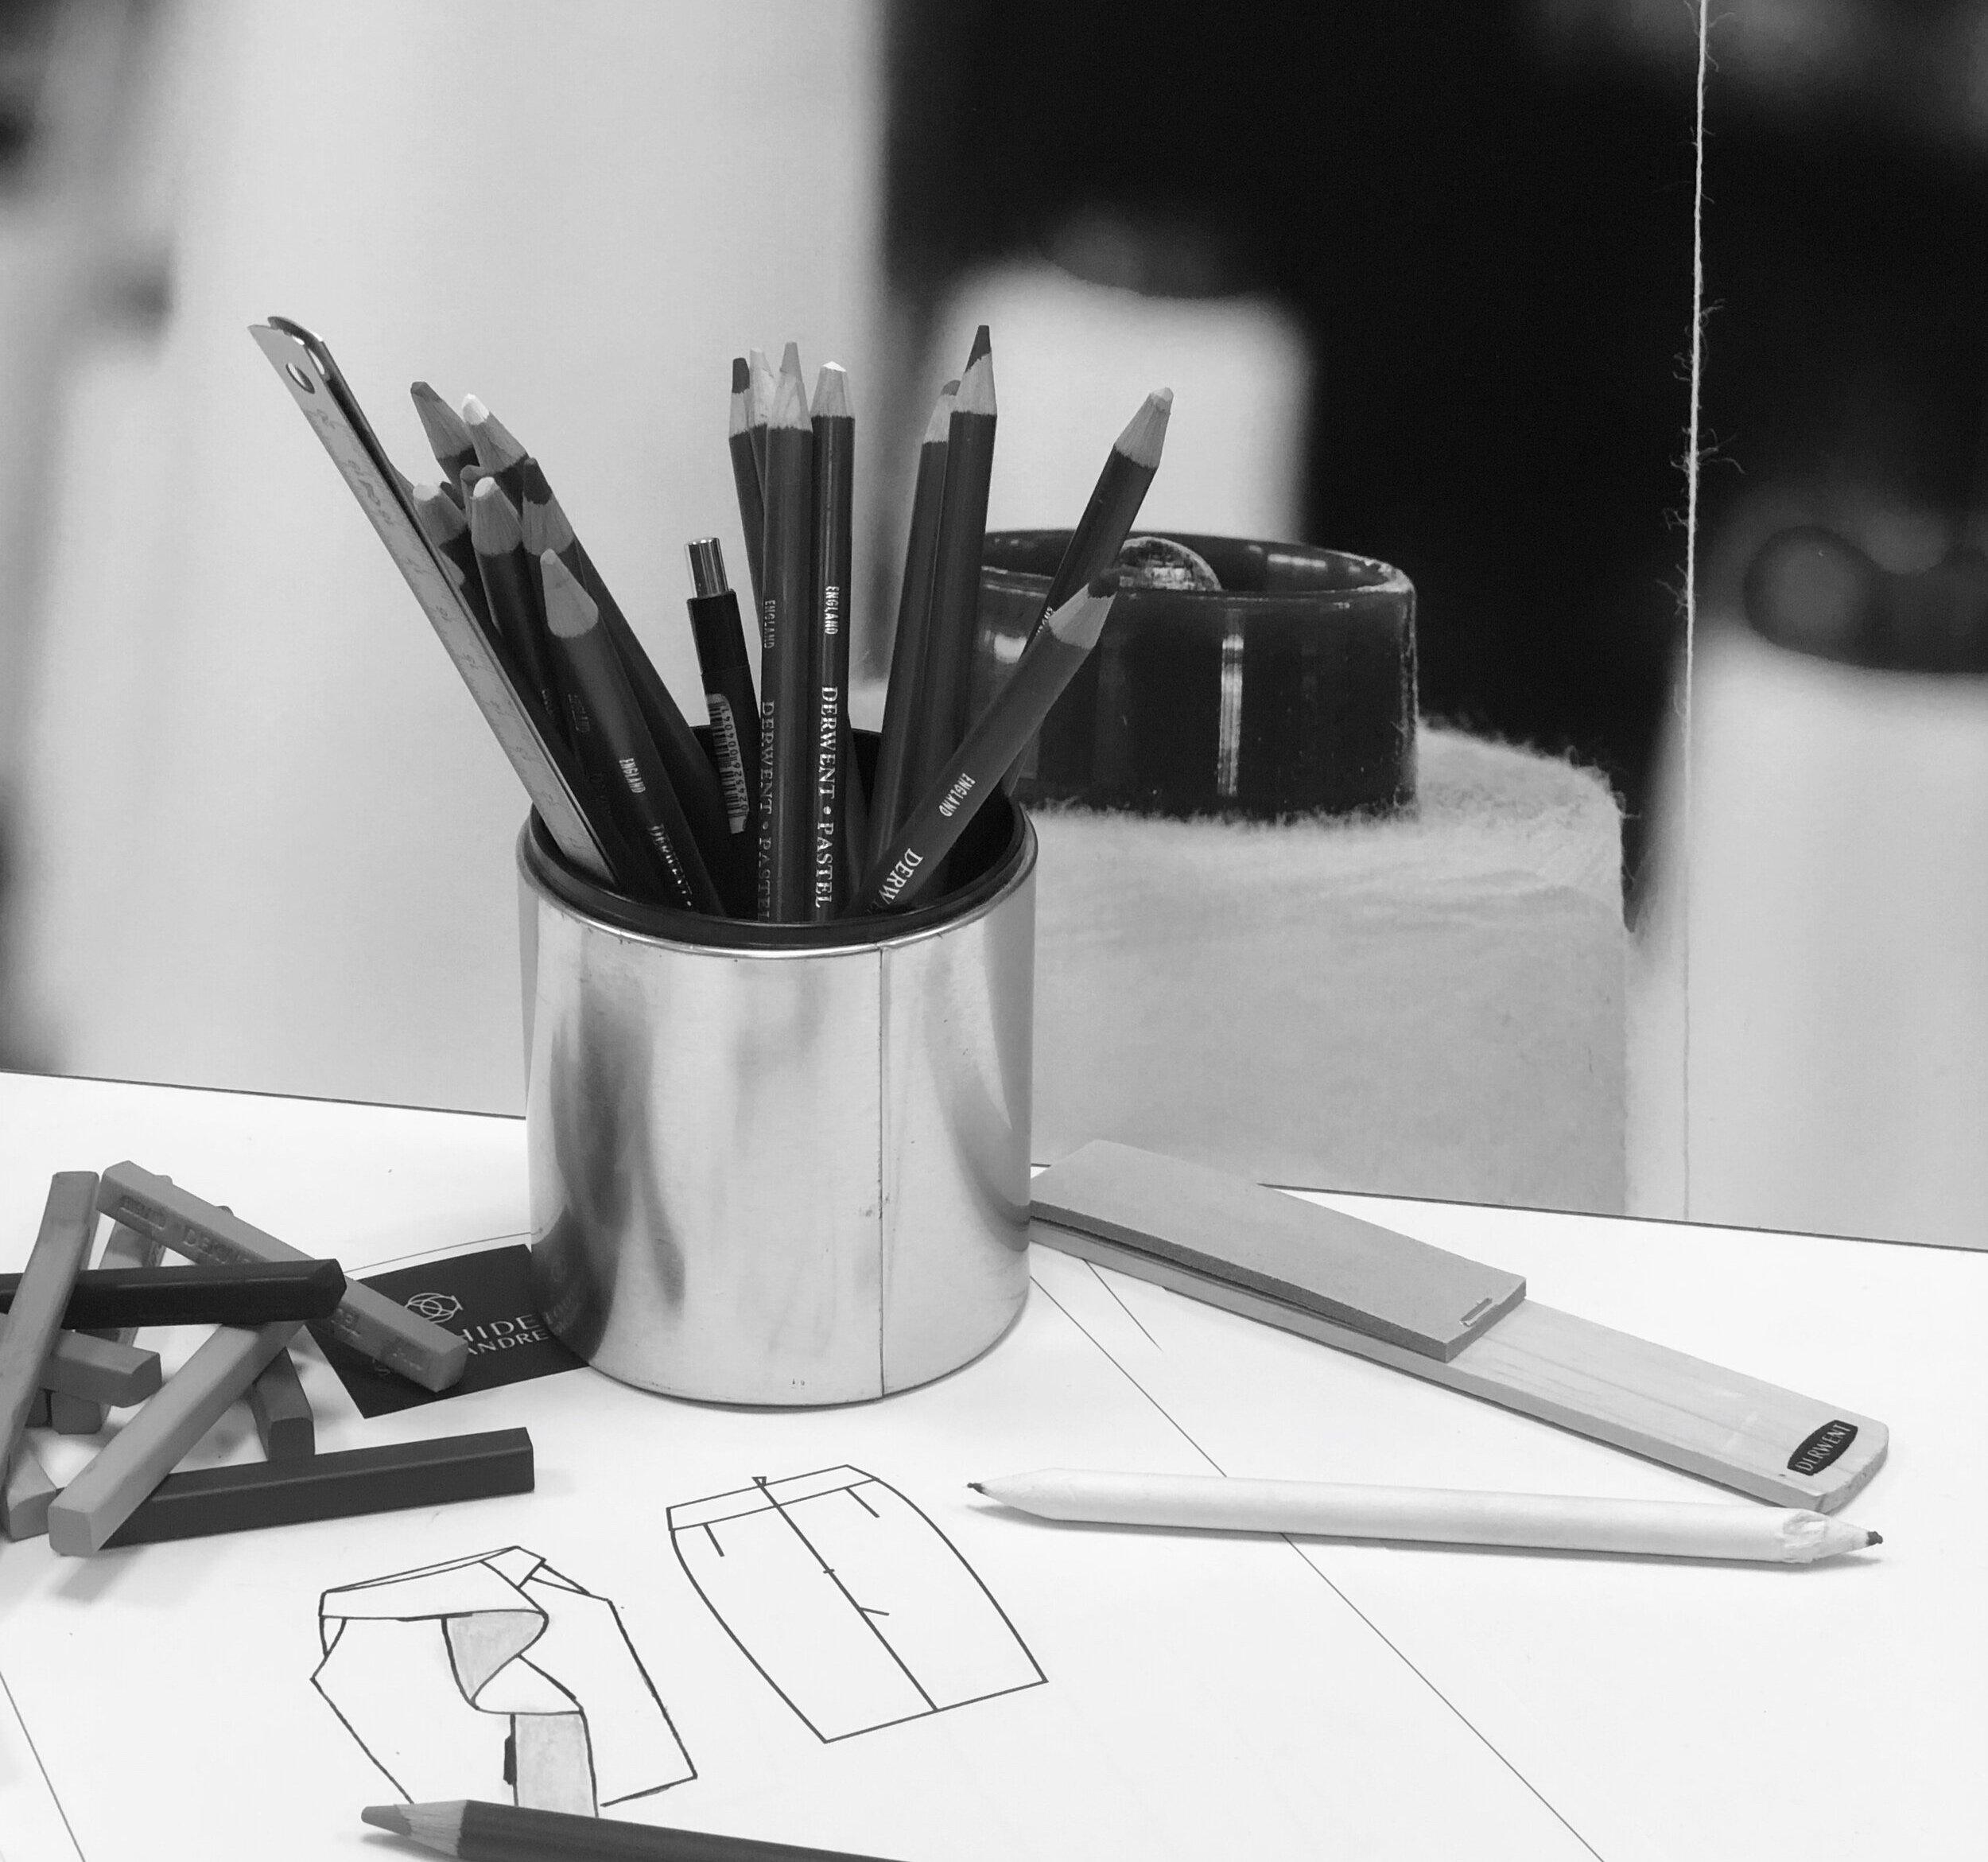 """NOS INSPIRATIONS - """"Je puise mon inspiration de la matière, de l'architecture, de mes voyages, mes rencontres, mes clientes"""" AnahideLa matière, les formes et textures sont une source de création inépuisable. Associées aux savoir-faire de mes tisseurs, plisseurs, brodeurs… les idées affluent, s'entrechoquent commence alors un long processus d'associations de formes, de couleurs guidée par un thème d'inspiration fort. La structure du vêtement, je la forme et la déforme, la recompose en associant matières lourdes ou fluides qui épousent le mouvement. Rendre réversible le vêtement: un exercice qui me passionne poussant les finitions à l'extrême et des coutures imperceptibles, parfaites. La modularité est un jeu on imagine le vêtement à travers le temps, passant les saisons évoluant au fil du temps, un jeu de superposition inépuisable, une multiplicité de formes couleurs s'associant au fil du temps."""